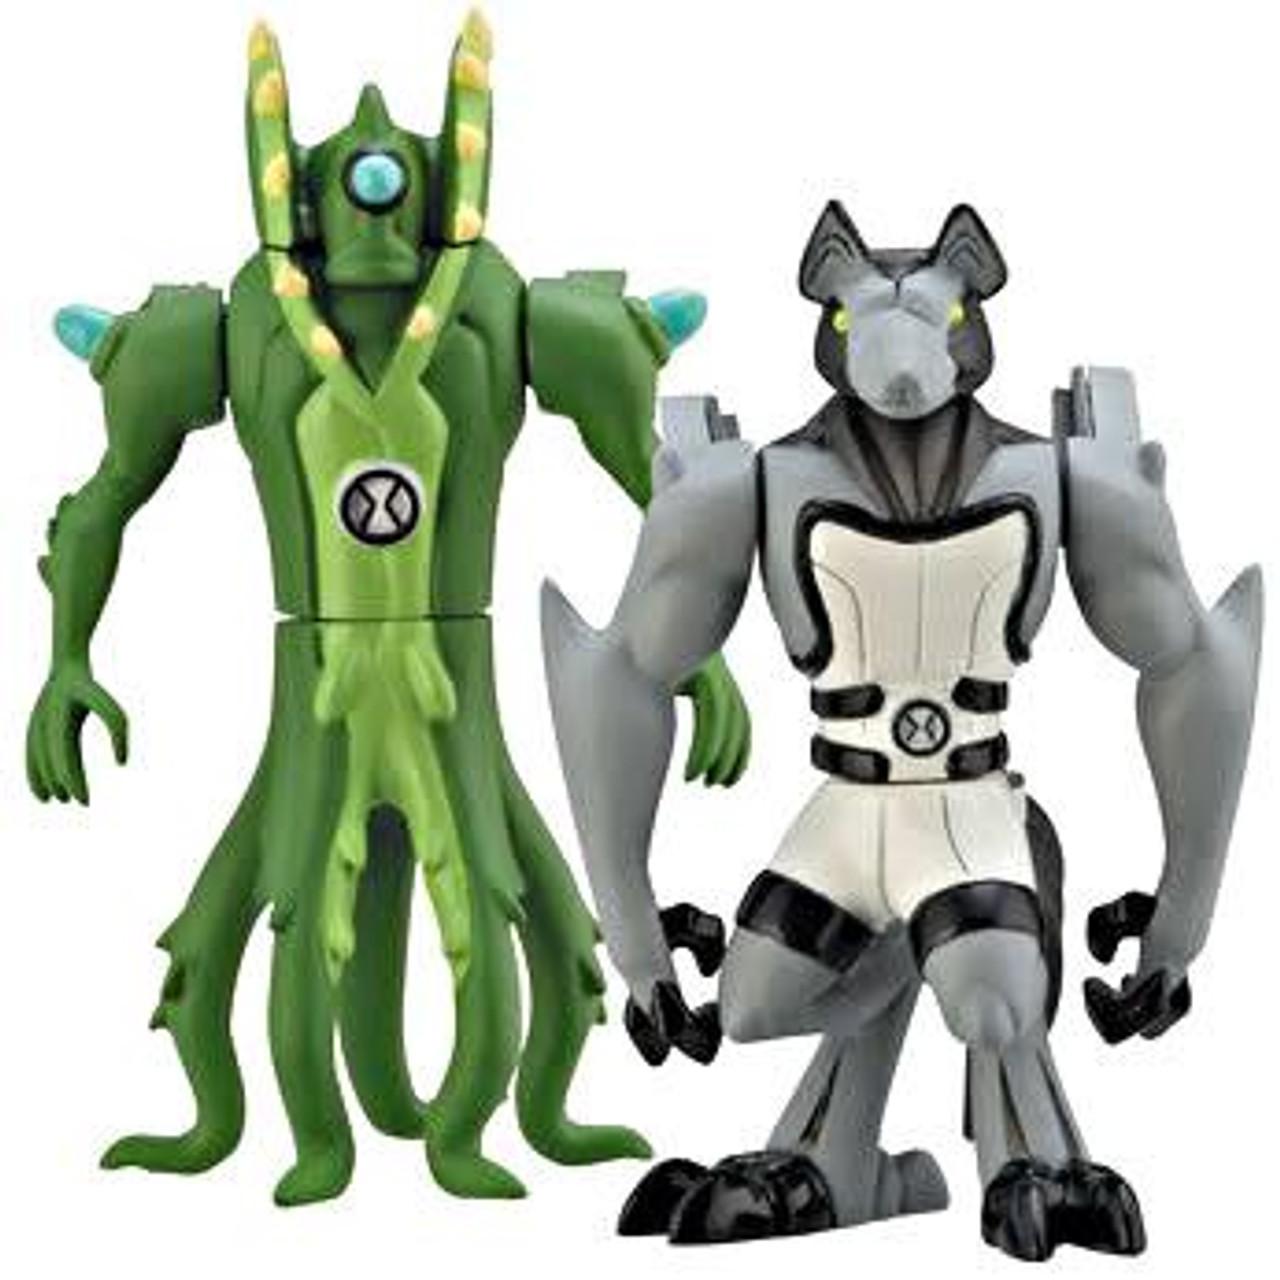 Ben 10 Alien Force Alien Creation Chamber Wildvine & Benwolf Mini Figure 2-Pack